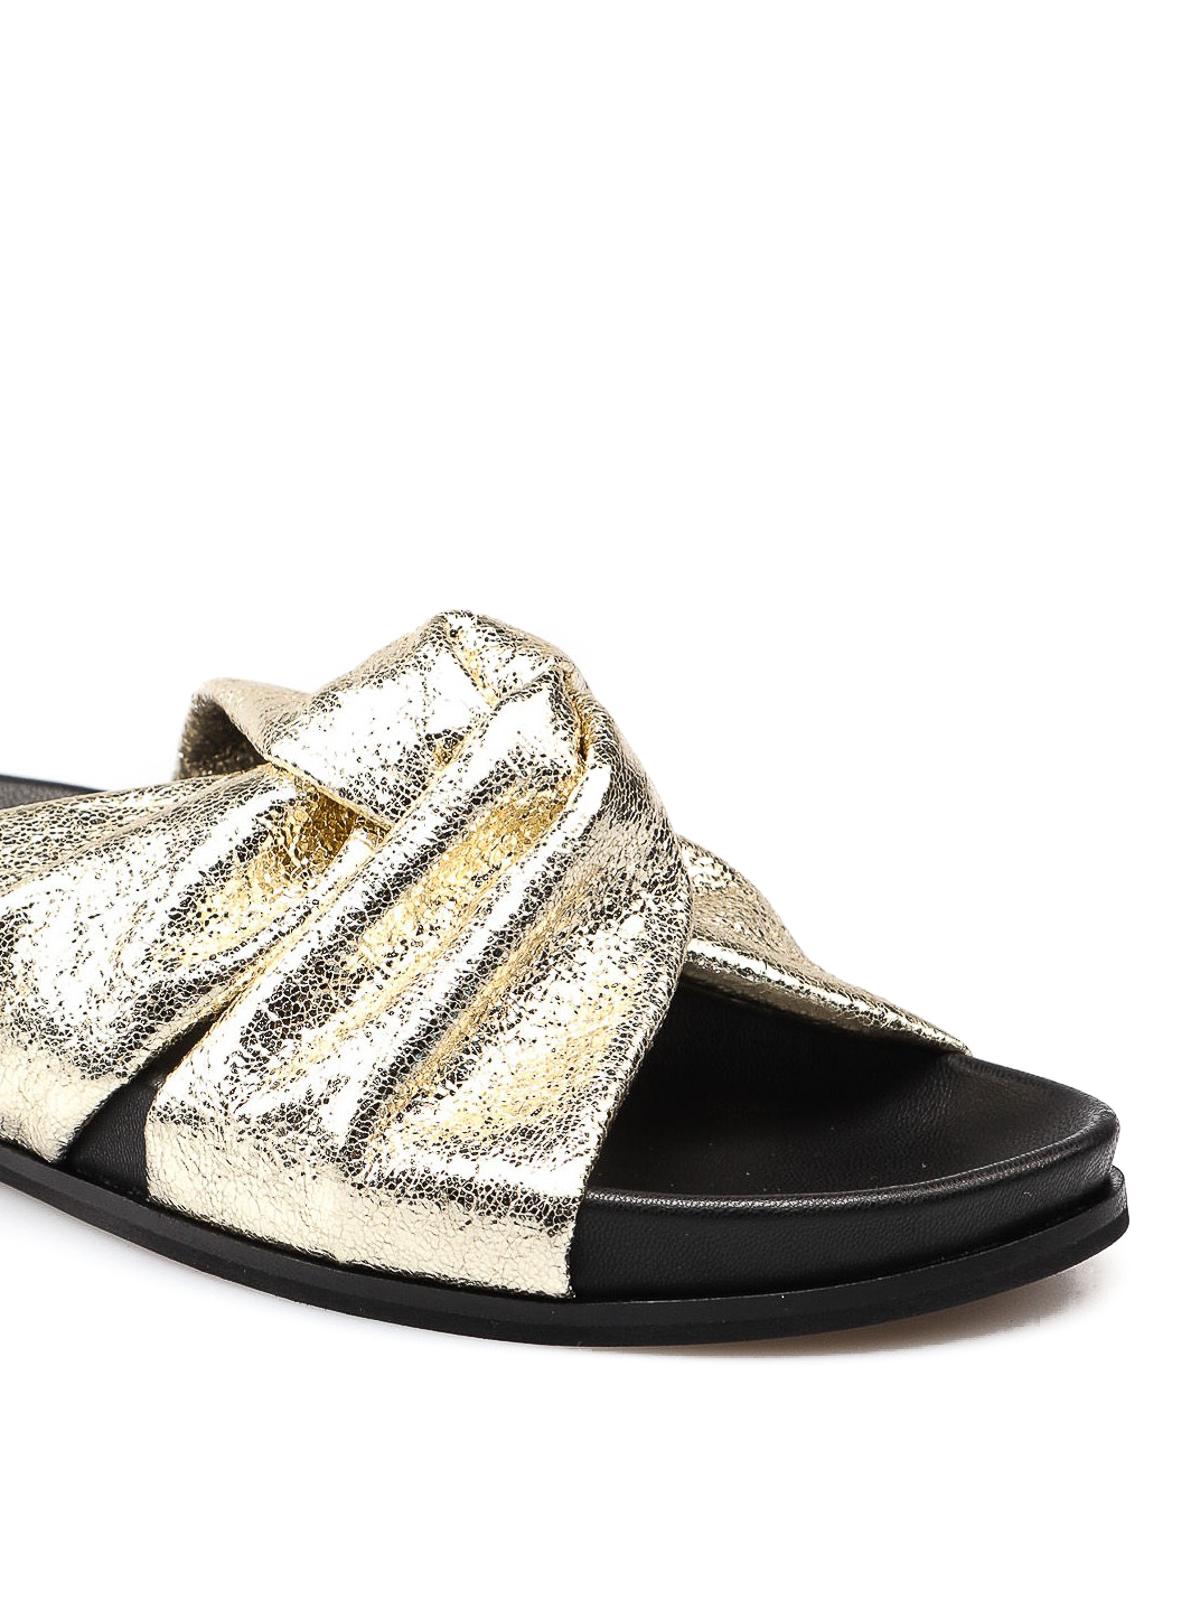 new product adc7e 99e91 Twinset - Golden slides - sandals - 191TCT054 50C | Shop ...